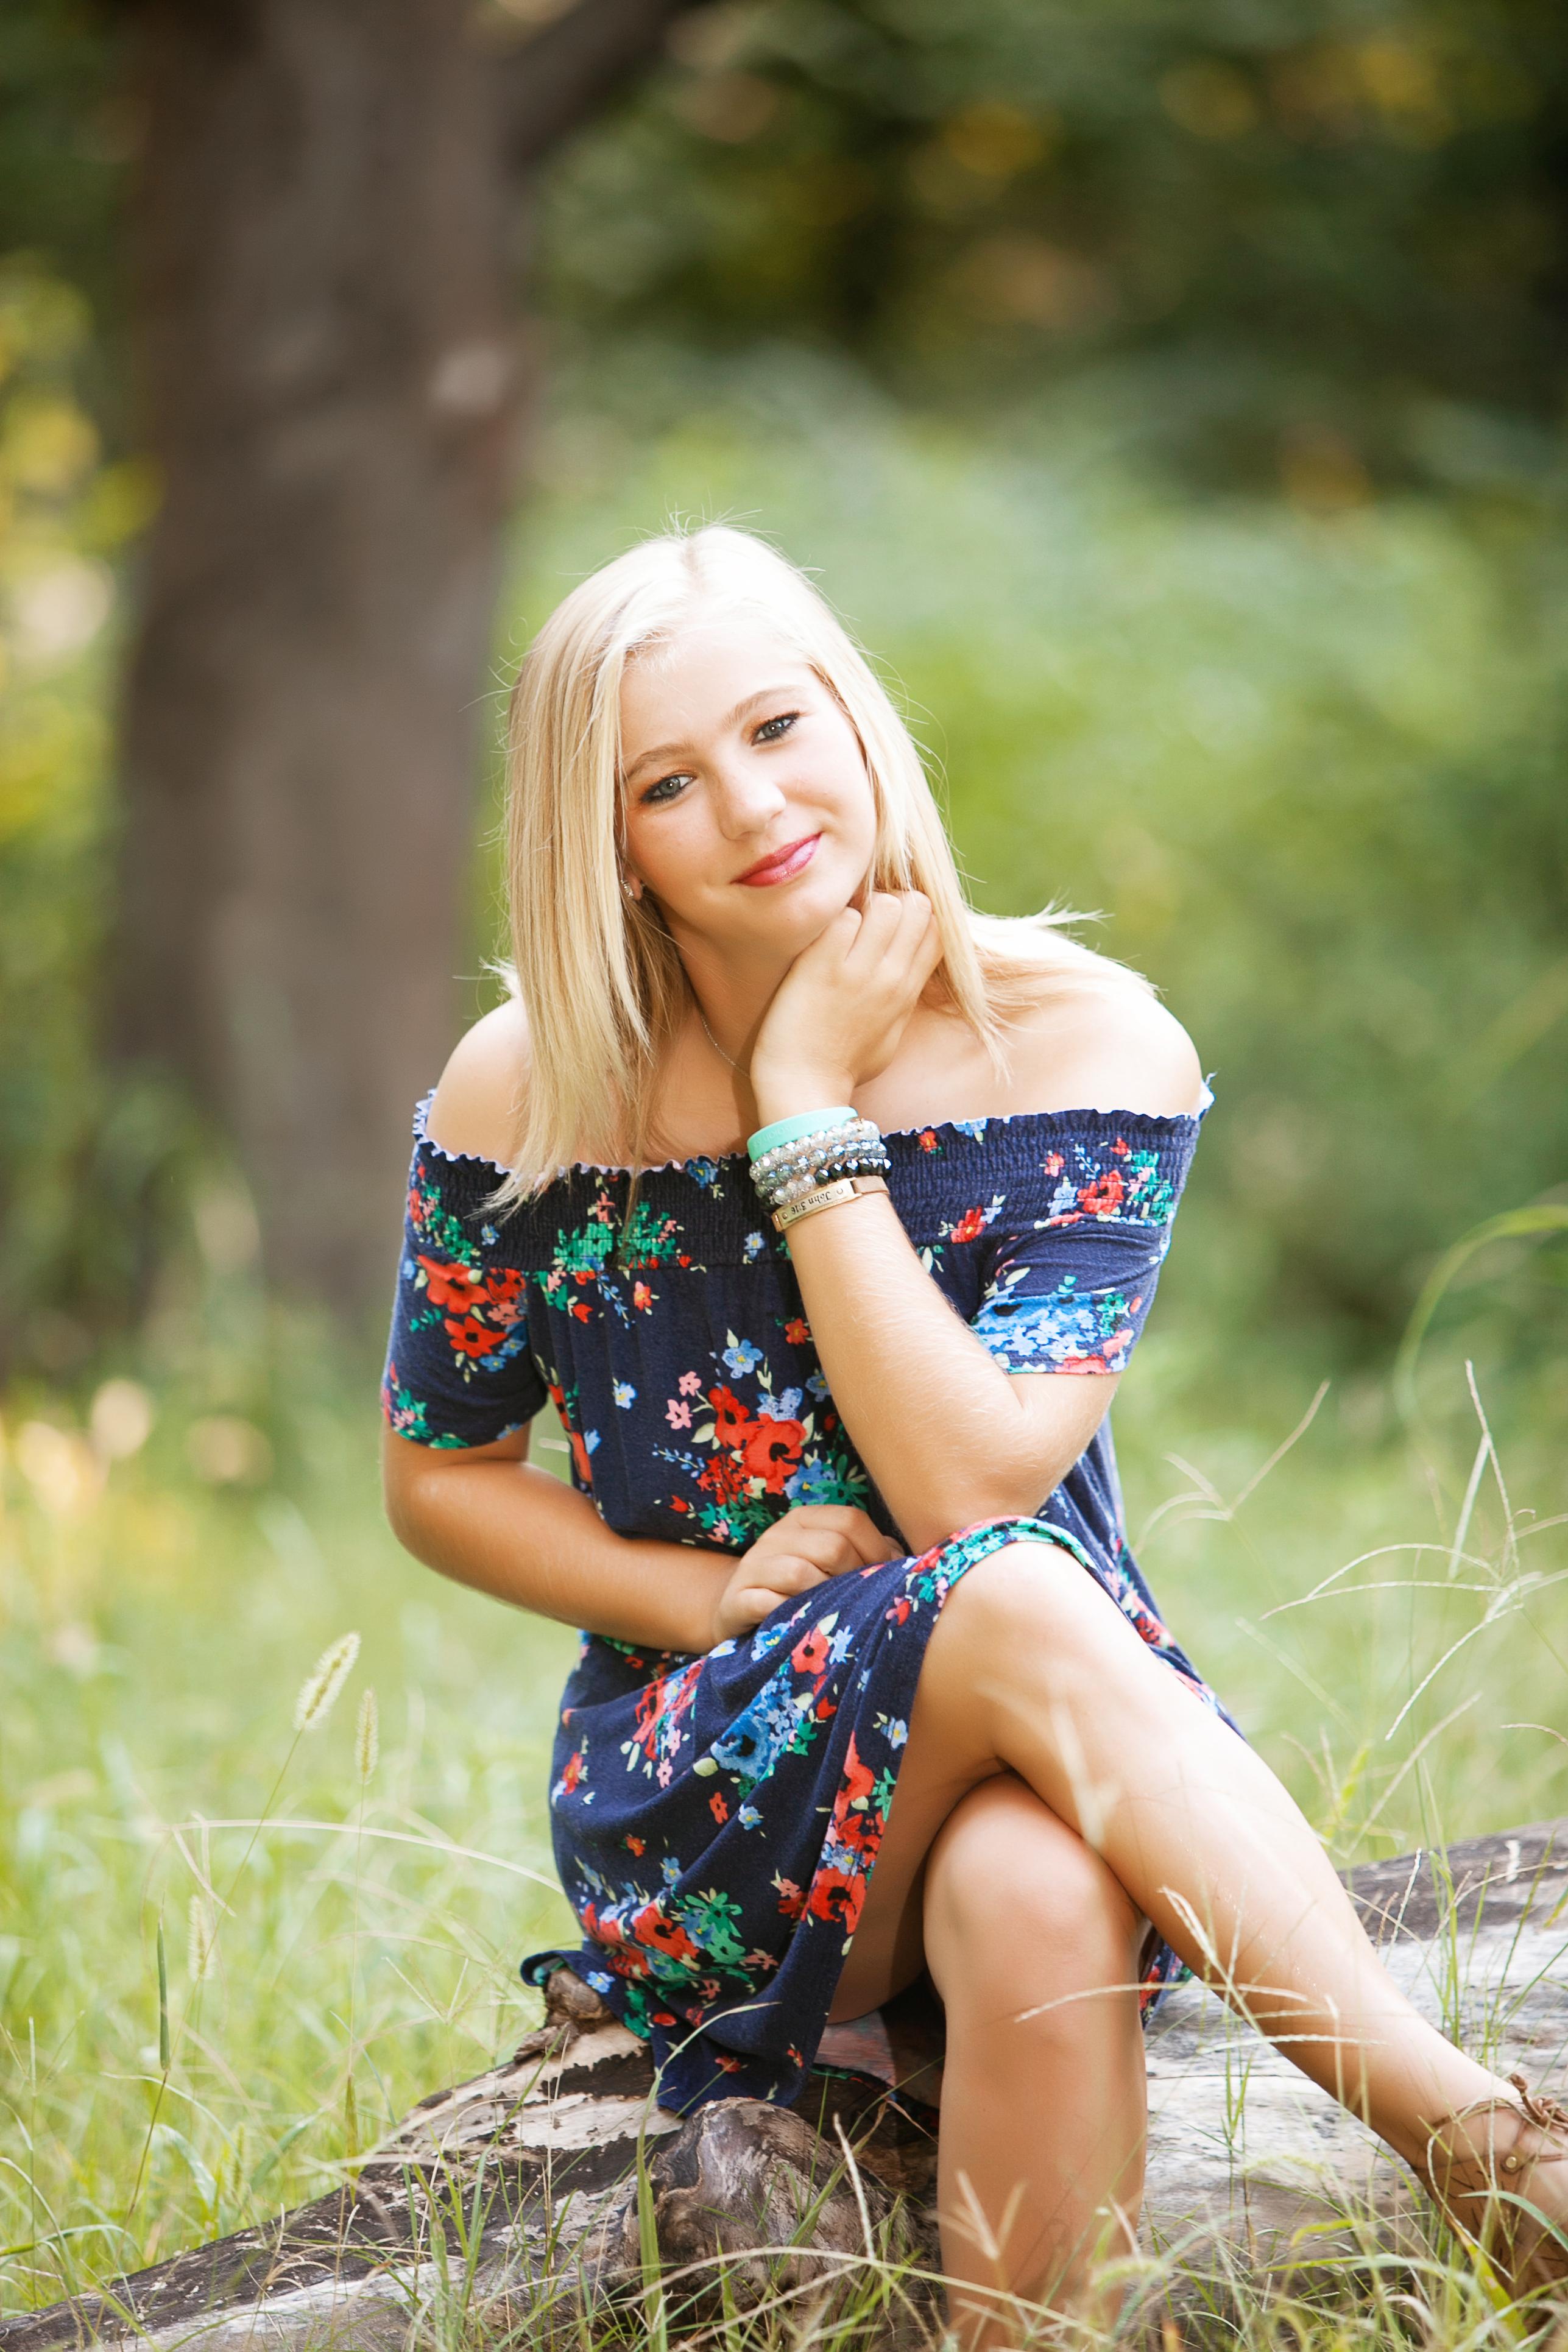 Model_summer-23010